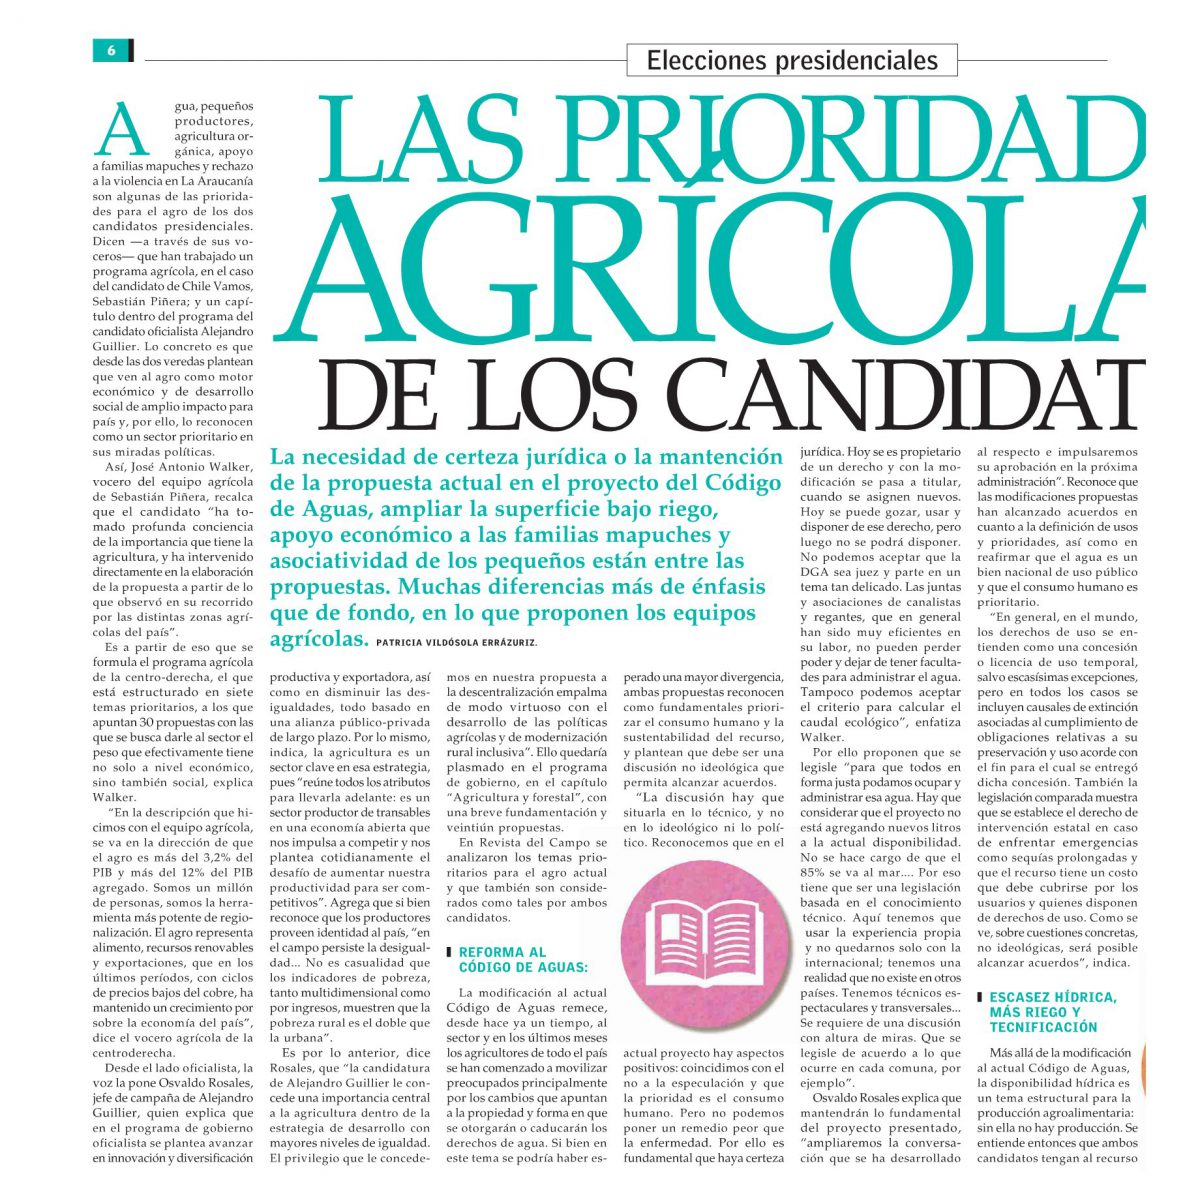 Las prioridades agrícolas de los candidatos